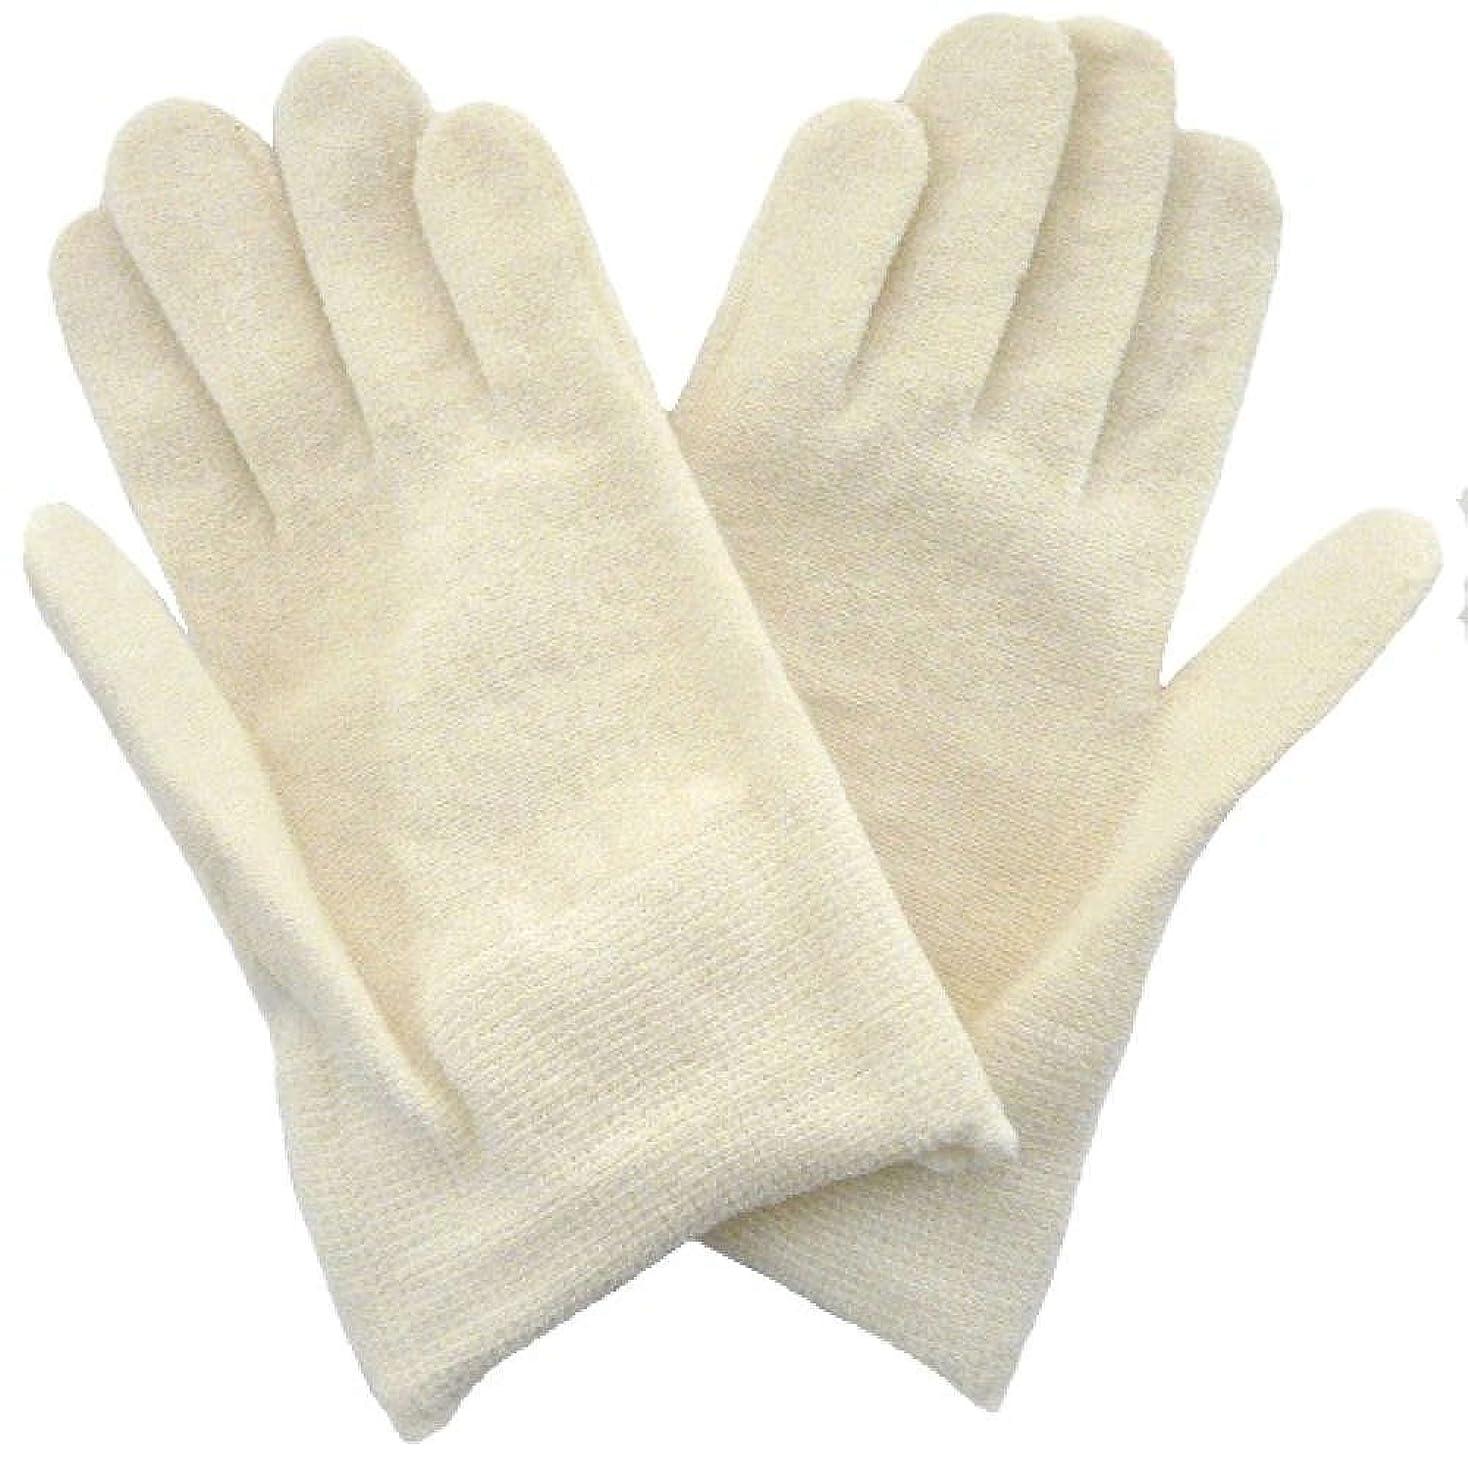 優しさ人形控えめな【アトピー】【水疱瘡】【皮膚炎】 ナノミックス おやすみ手袋:キッズ用 アイボリー